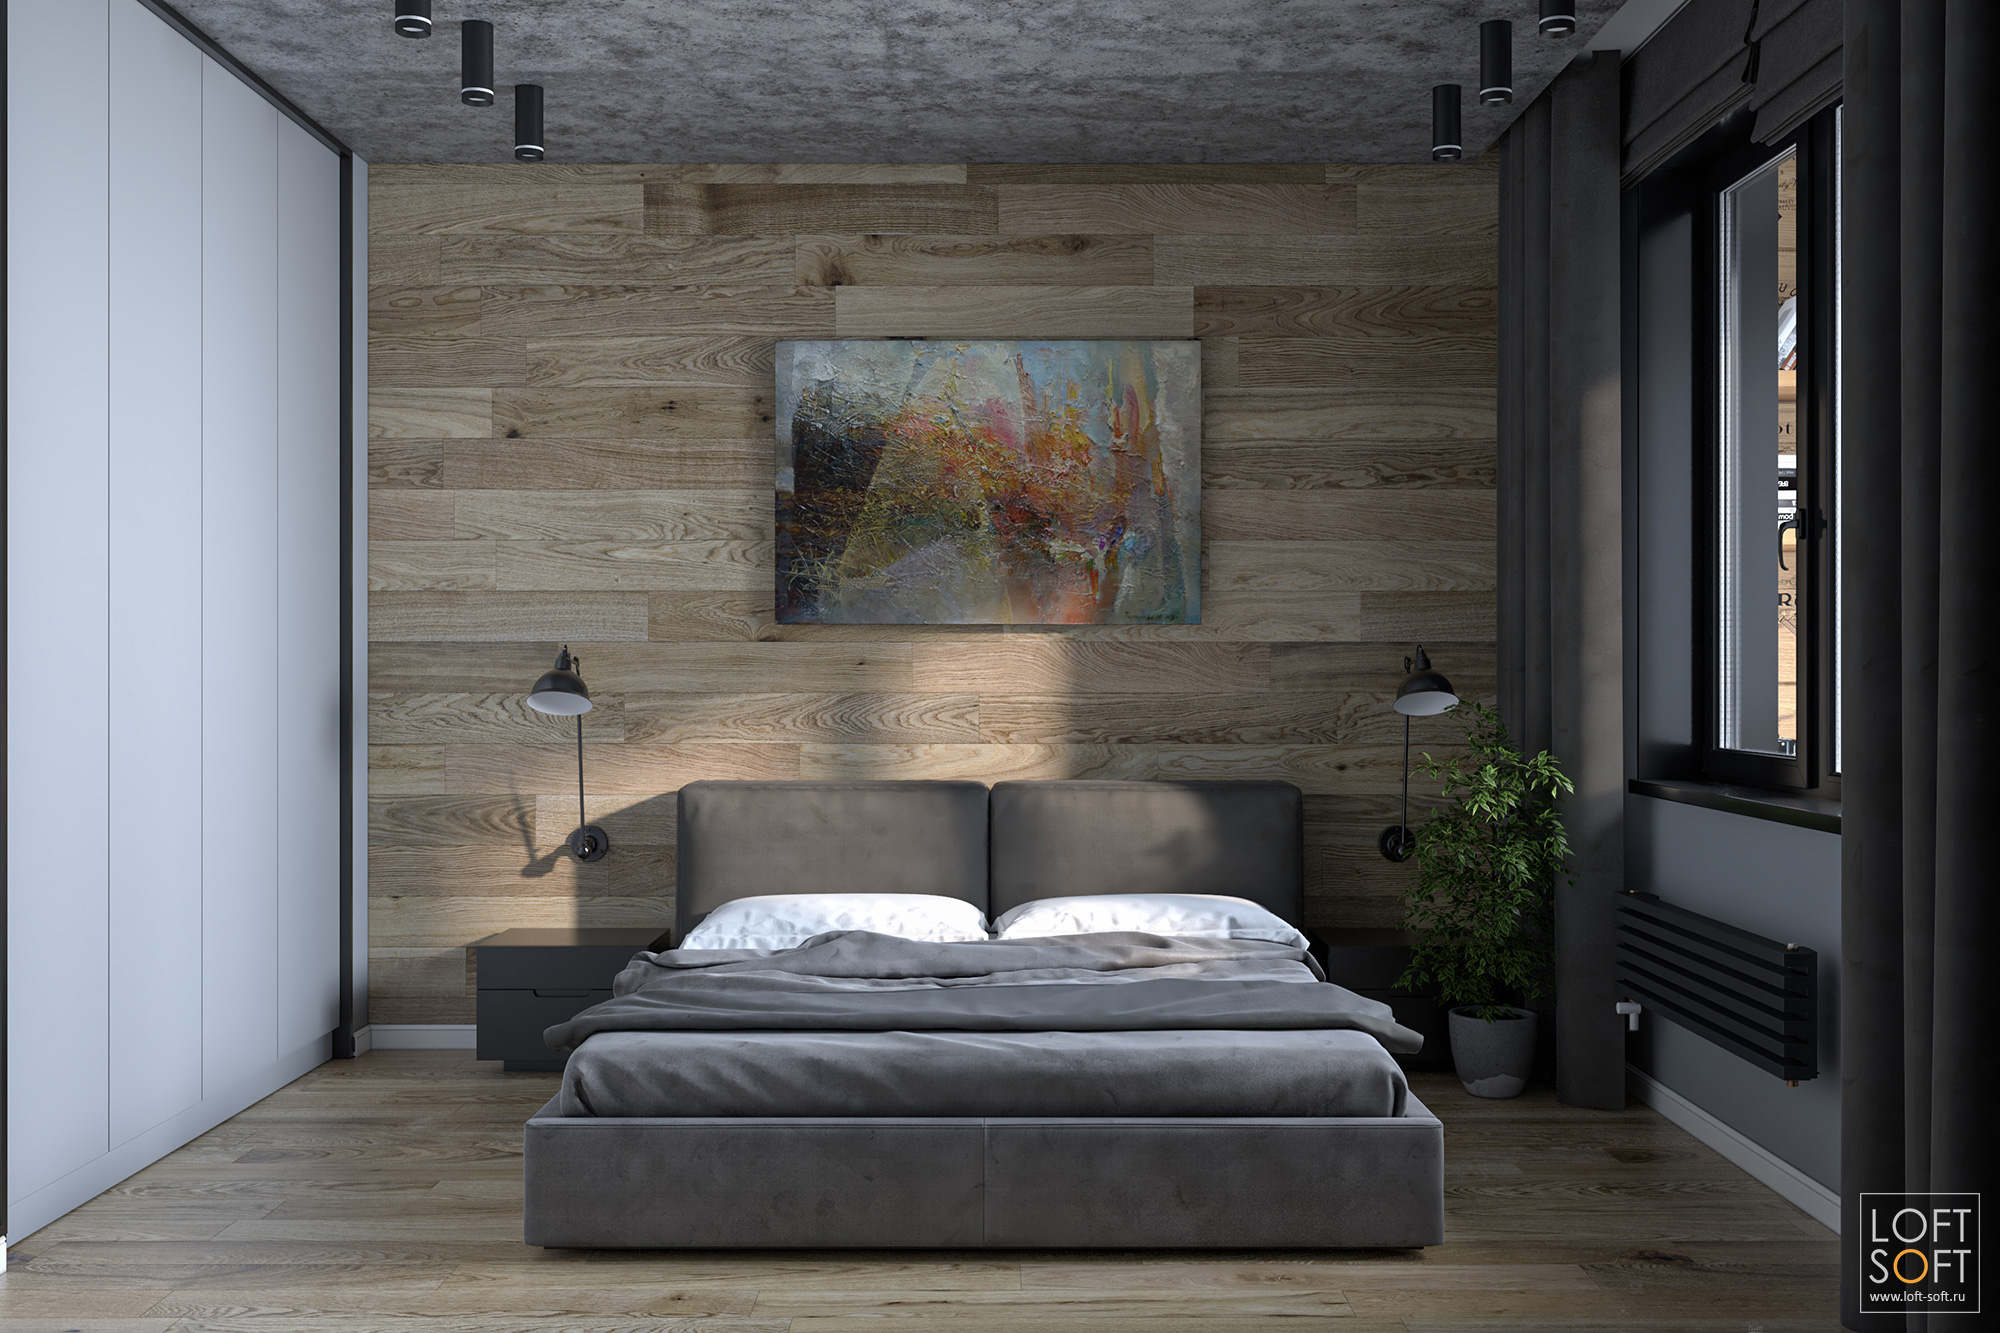 спальня встиле лофт, уютная спальня